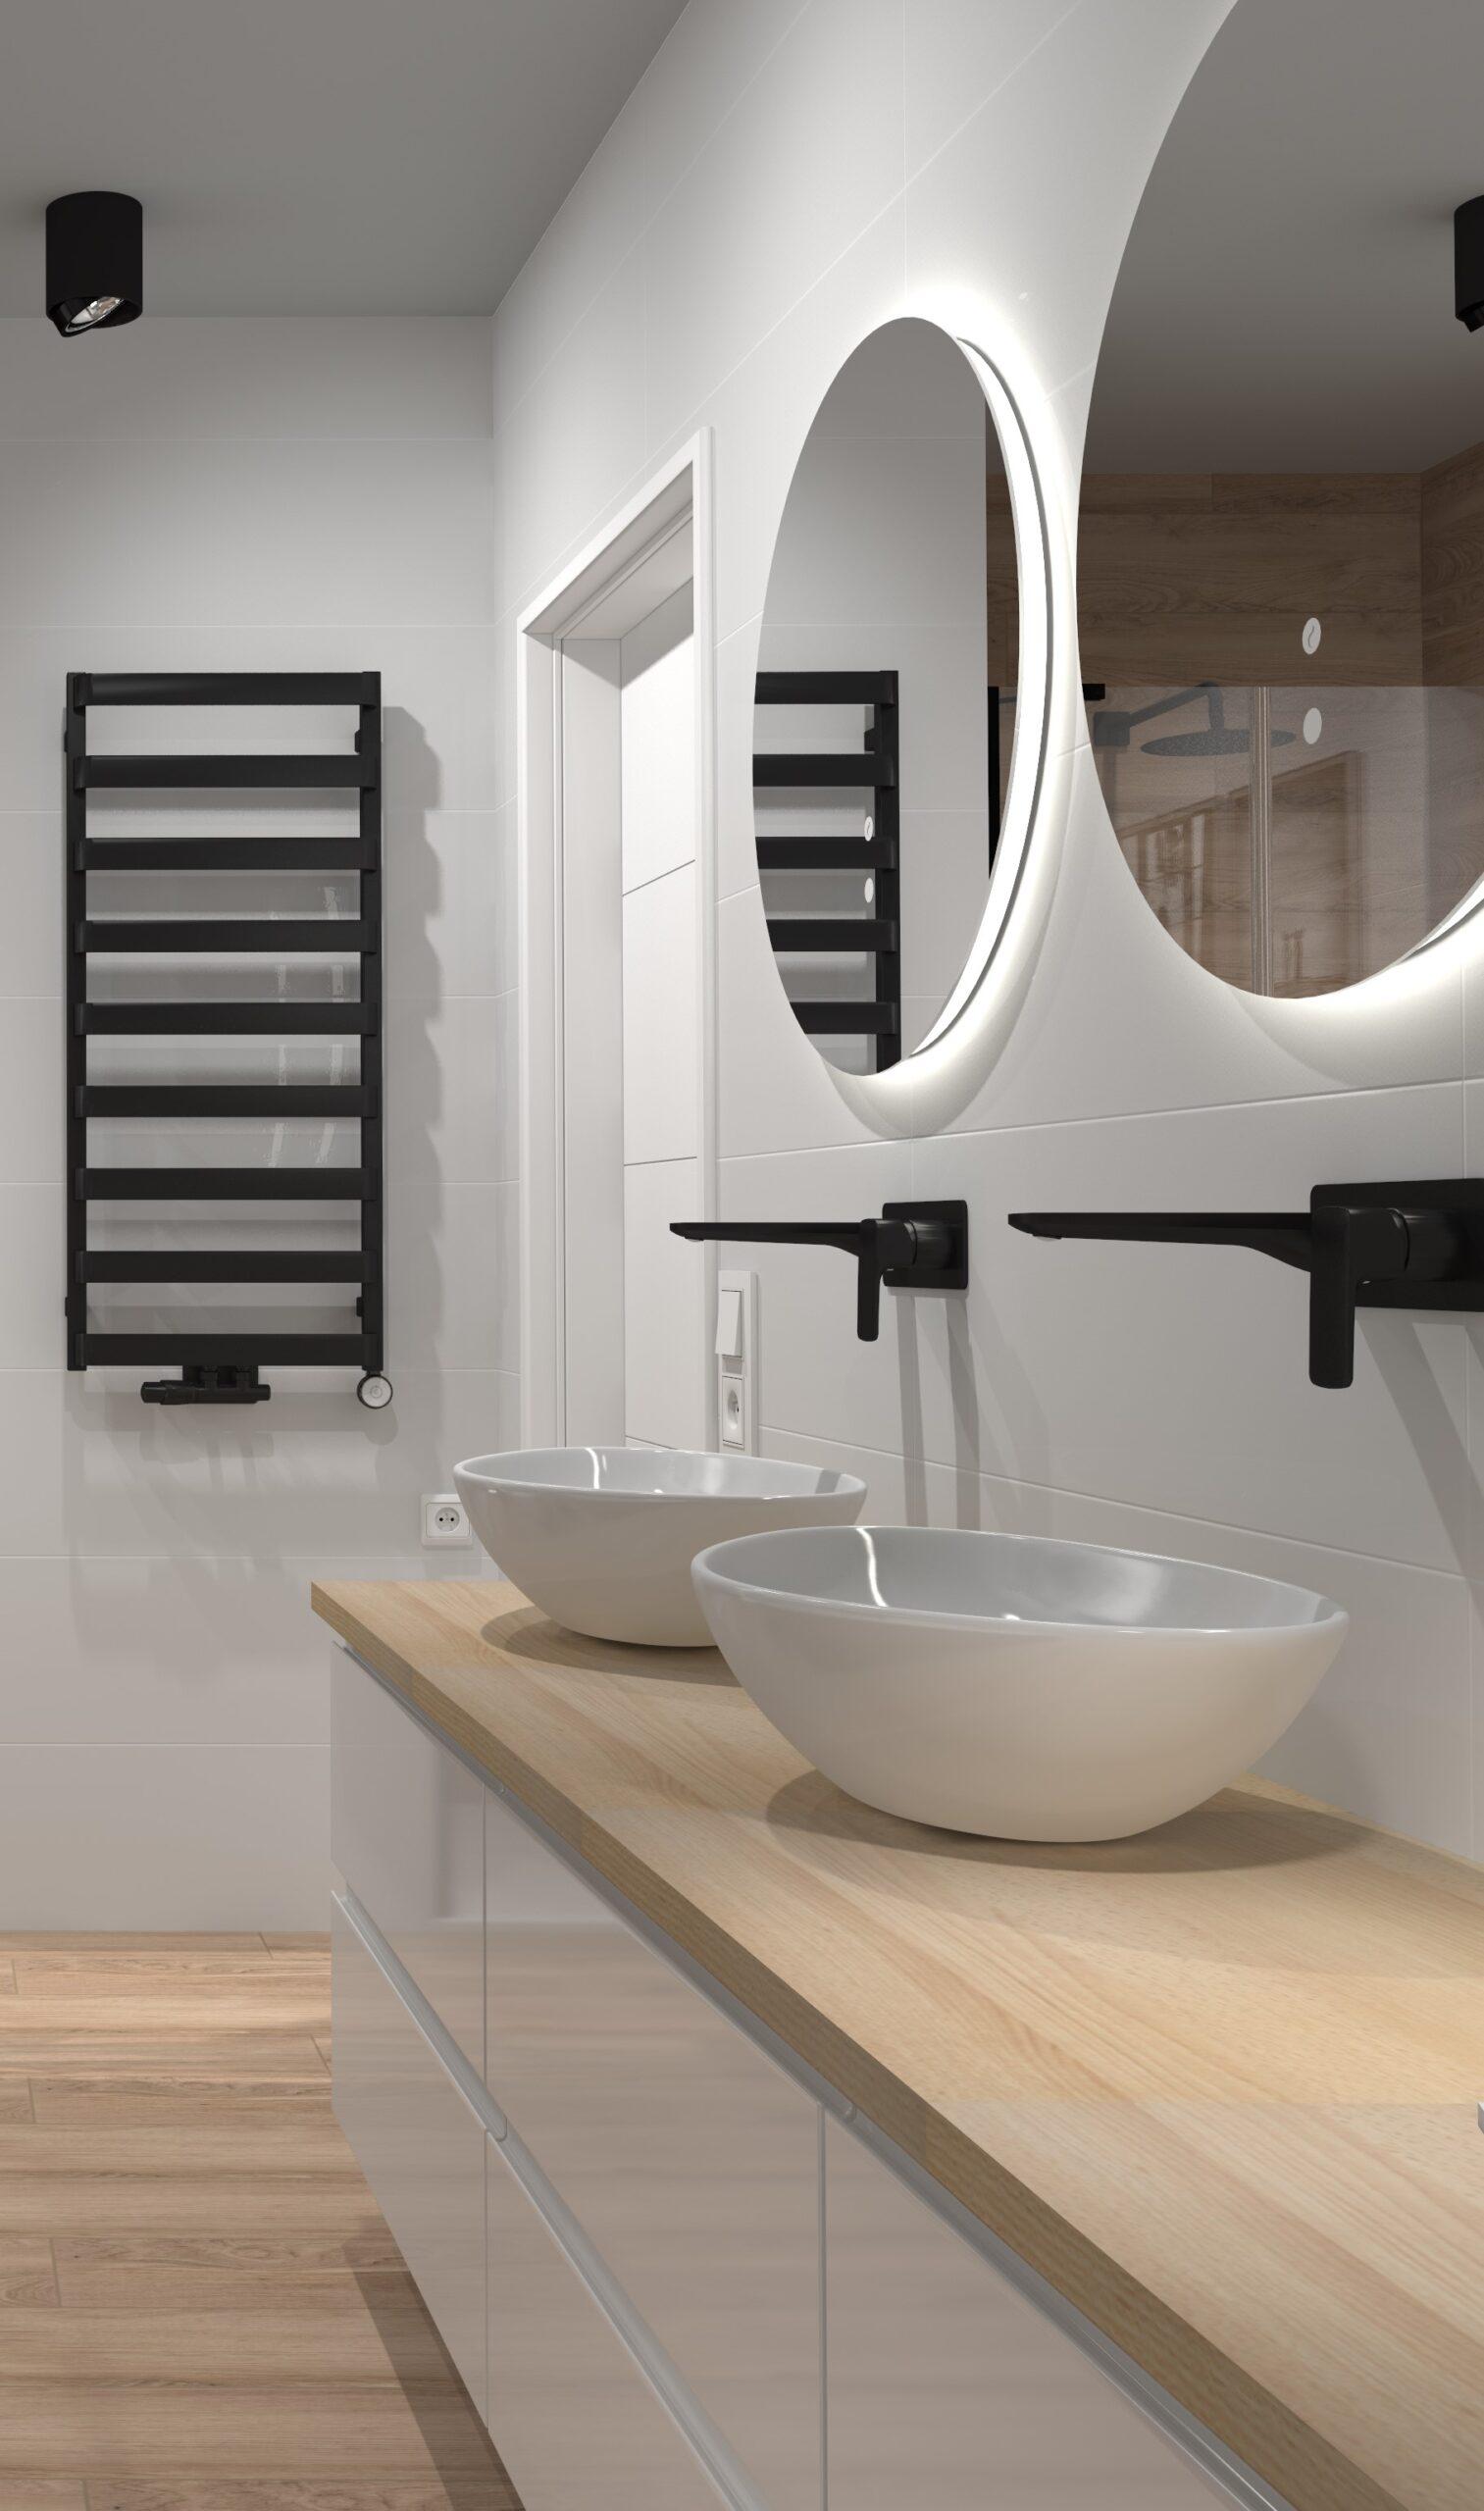 wizualizacja łazienki, projekt 3d łazienki, glazura, glazura tyska, kasperczych, tychy